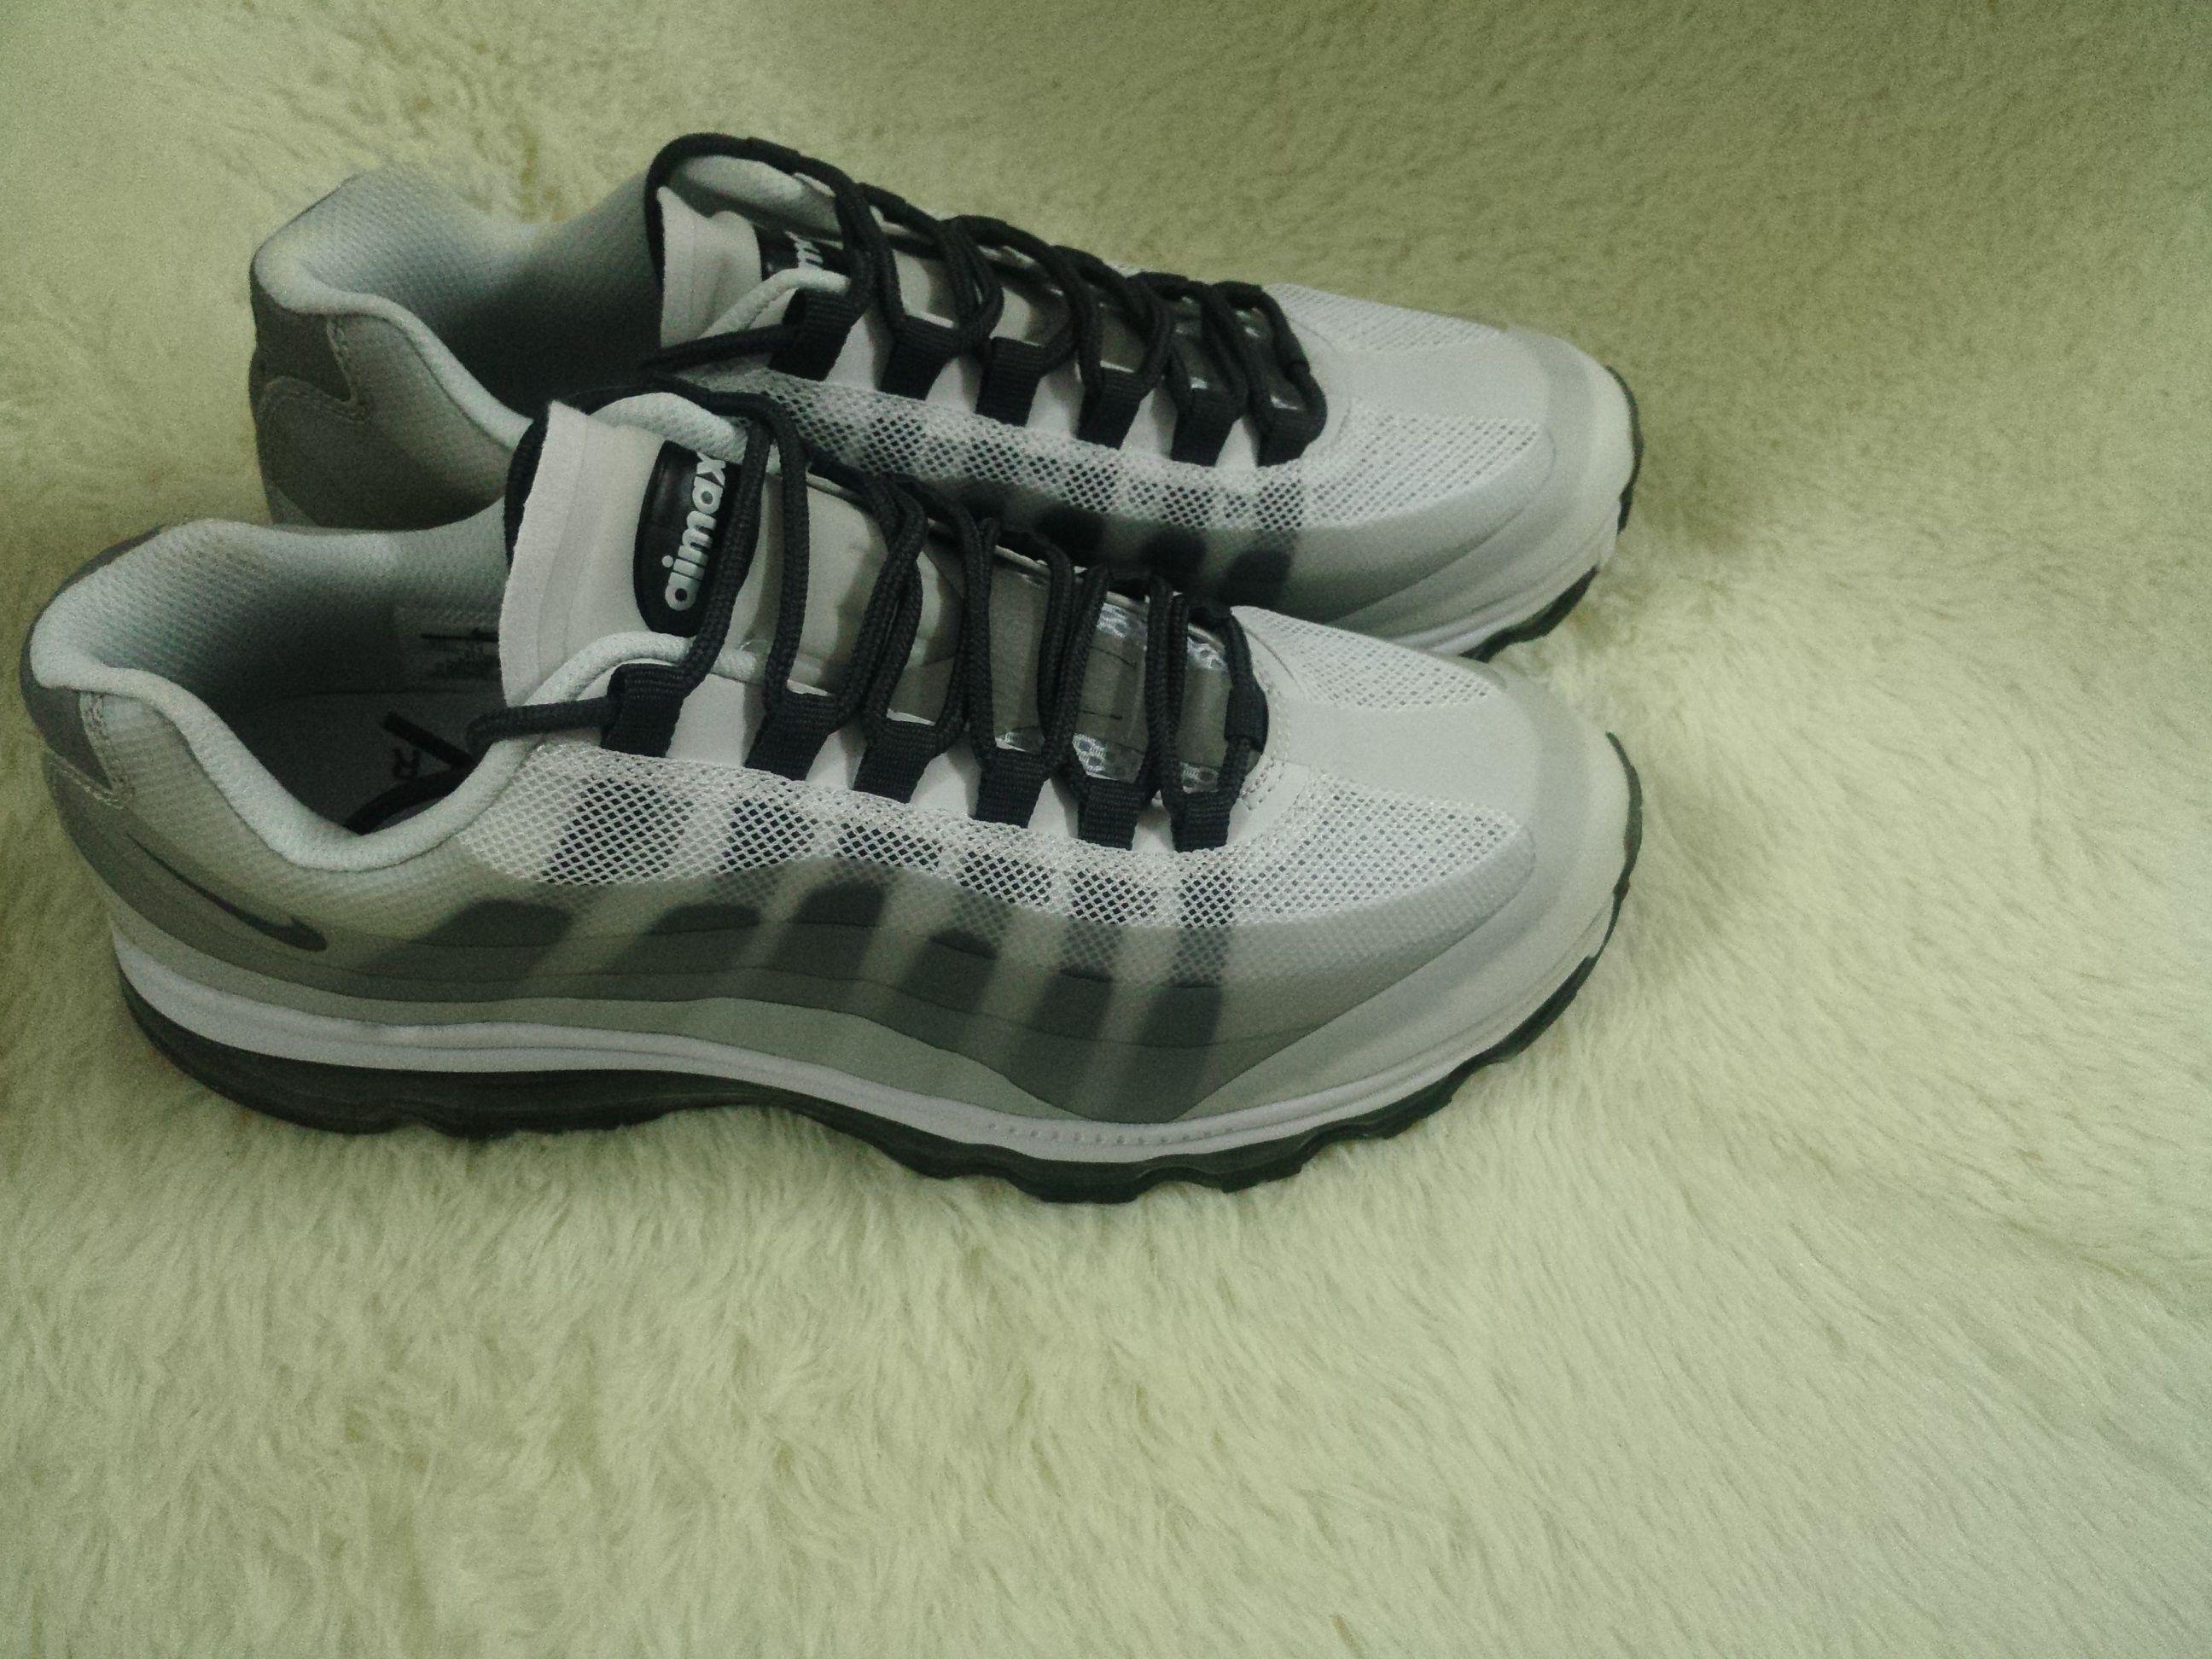 sneakertube #sneakerfiles #sneakerheads #sneakerpimps